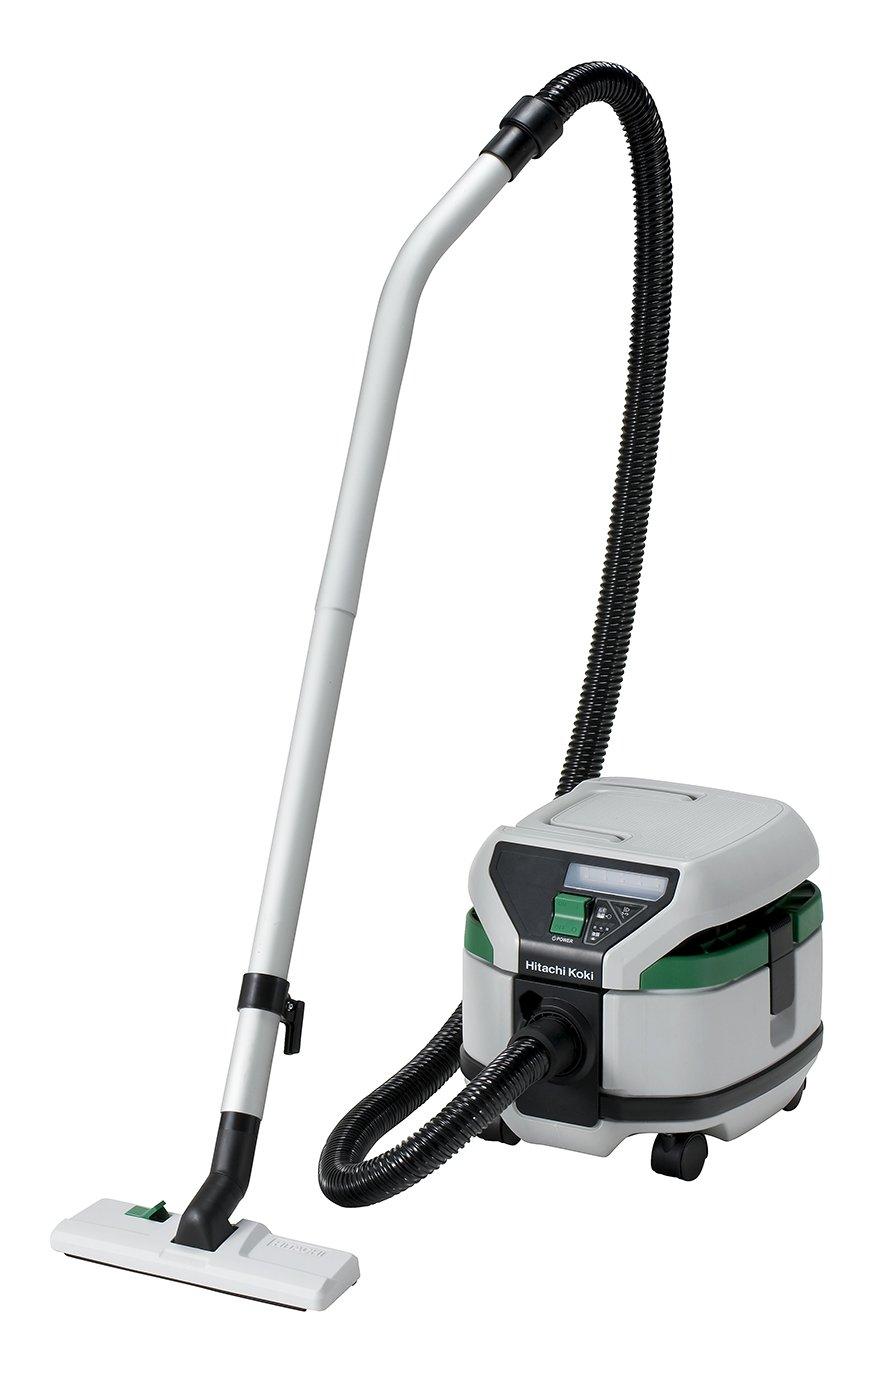 日立工機 電動工具用集じん機 集じん容量8L 吸水容量6L 一般清掃用 乾湿両用 RP80SB B00SOEMJE48L